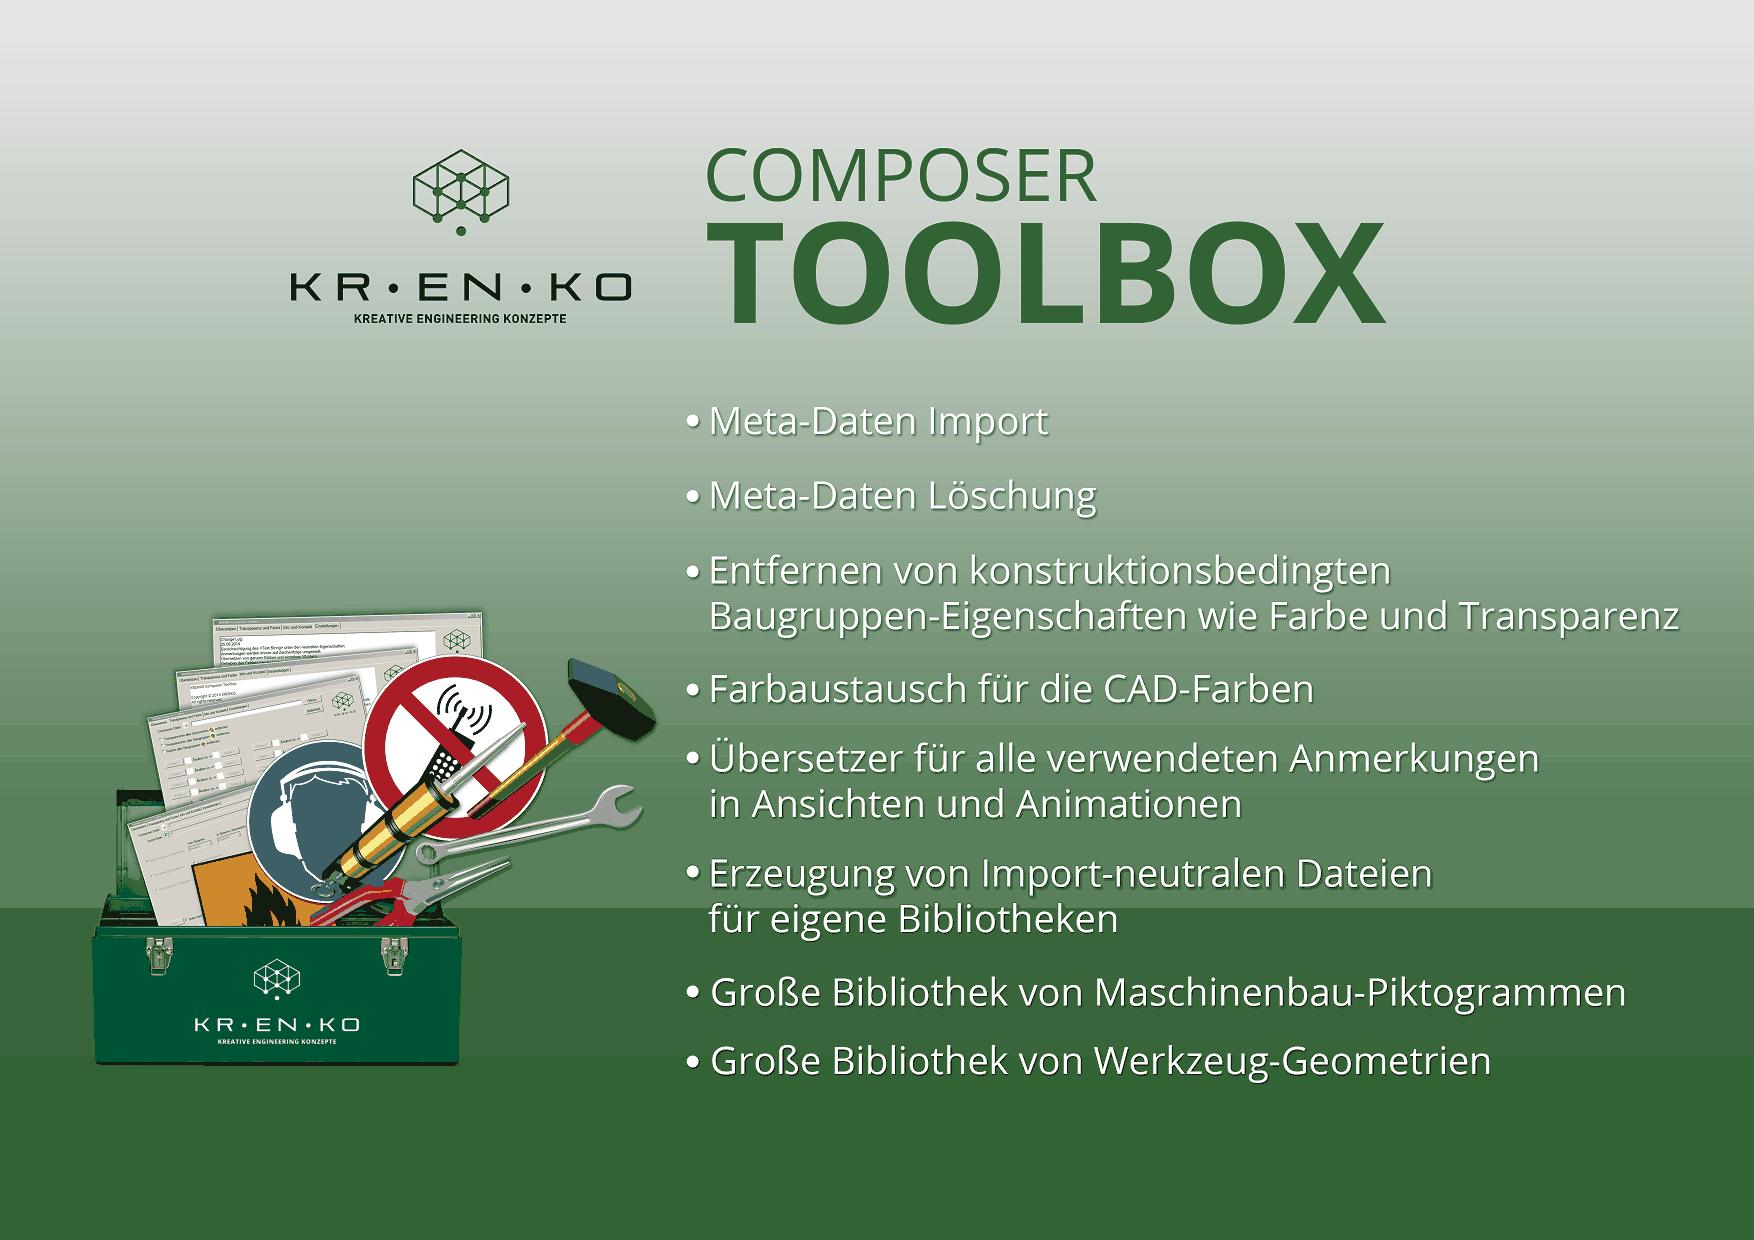 Die KRENKO Composer Toolbox